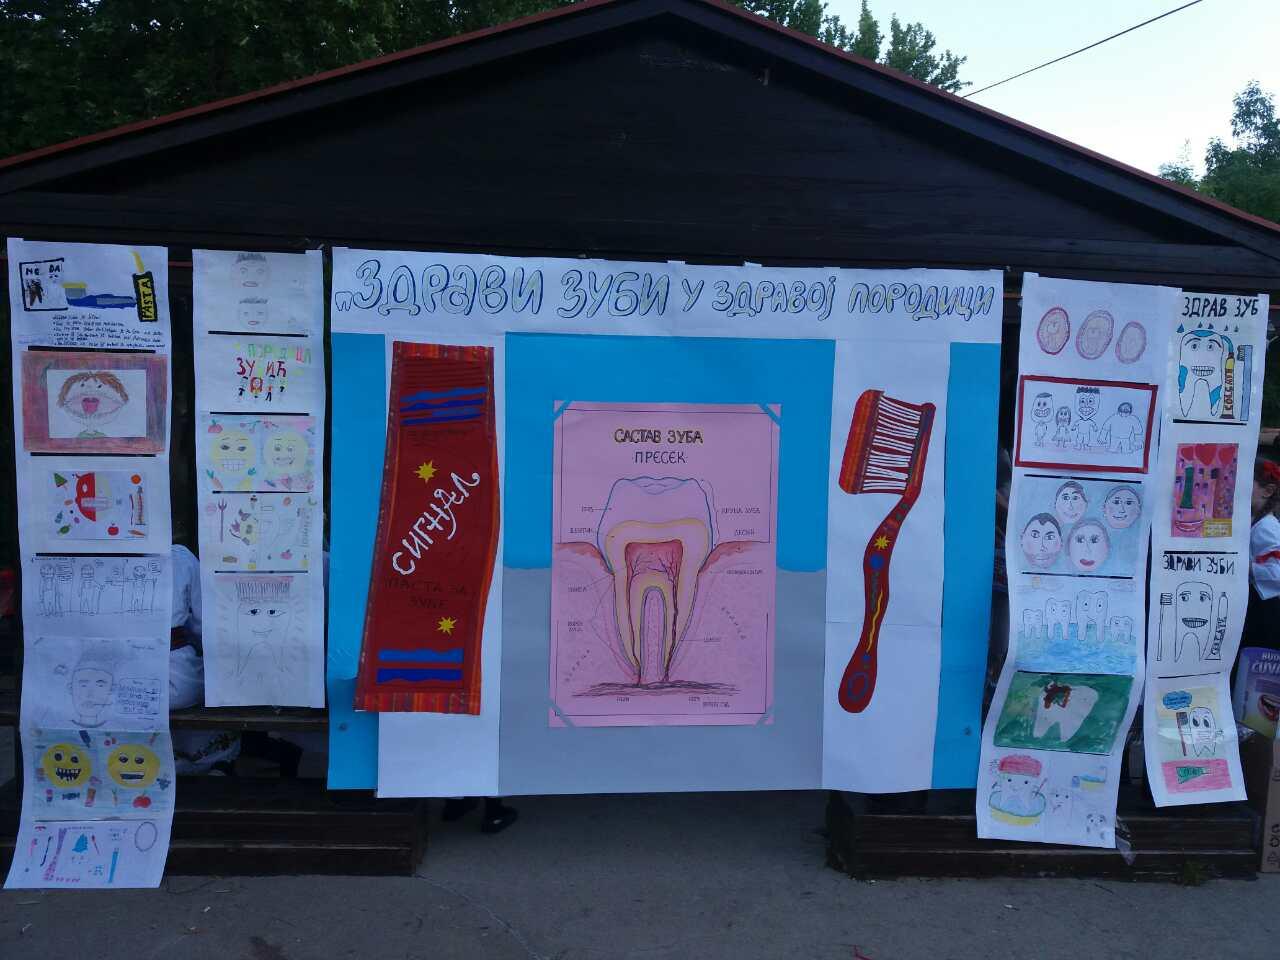 XXVIII недељa здравља уста и зуба